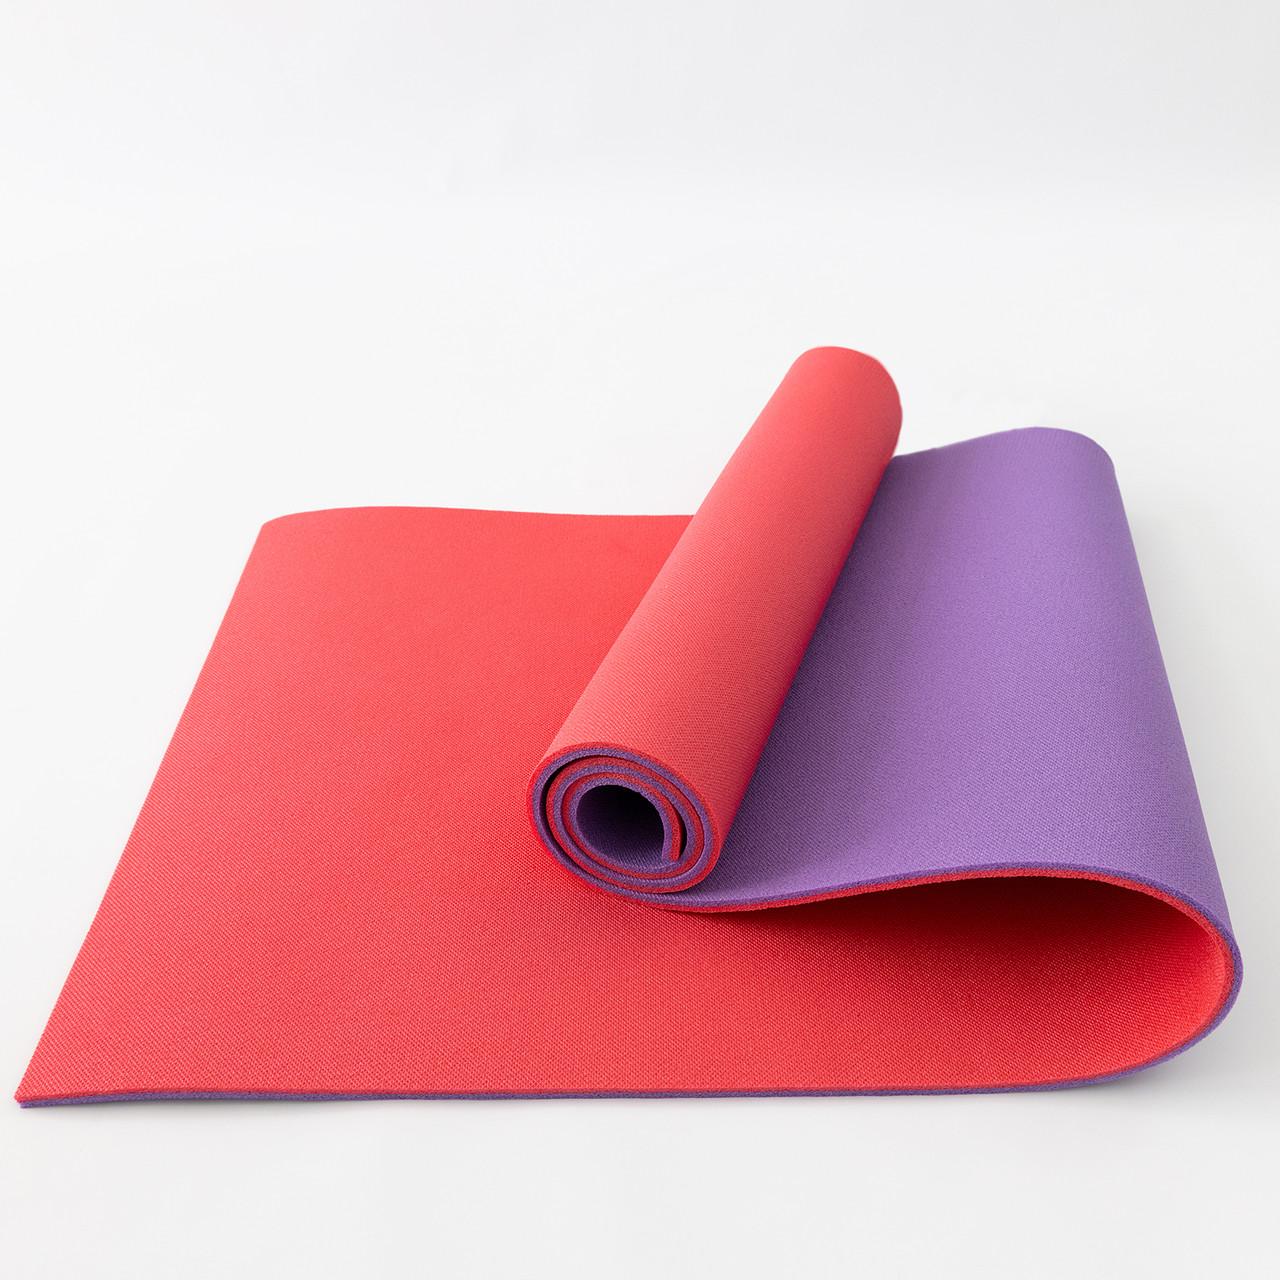 Килимок для йоги, фітнесу та спорту (каремат спортивний) OSPORT Спорт 8мм (FI-0083) Фіолетово-червоний